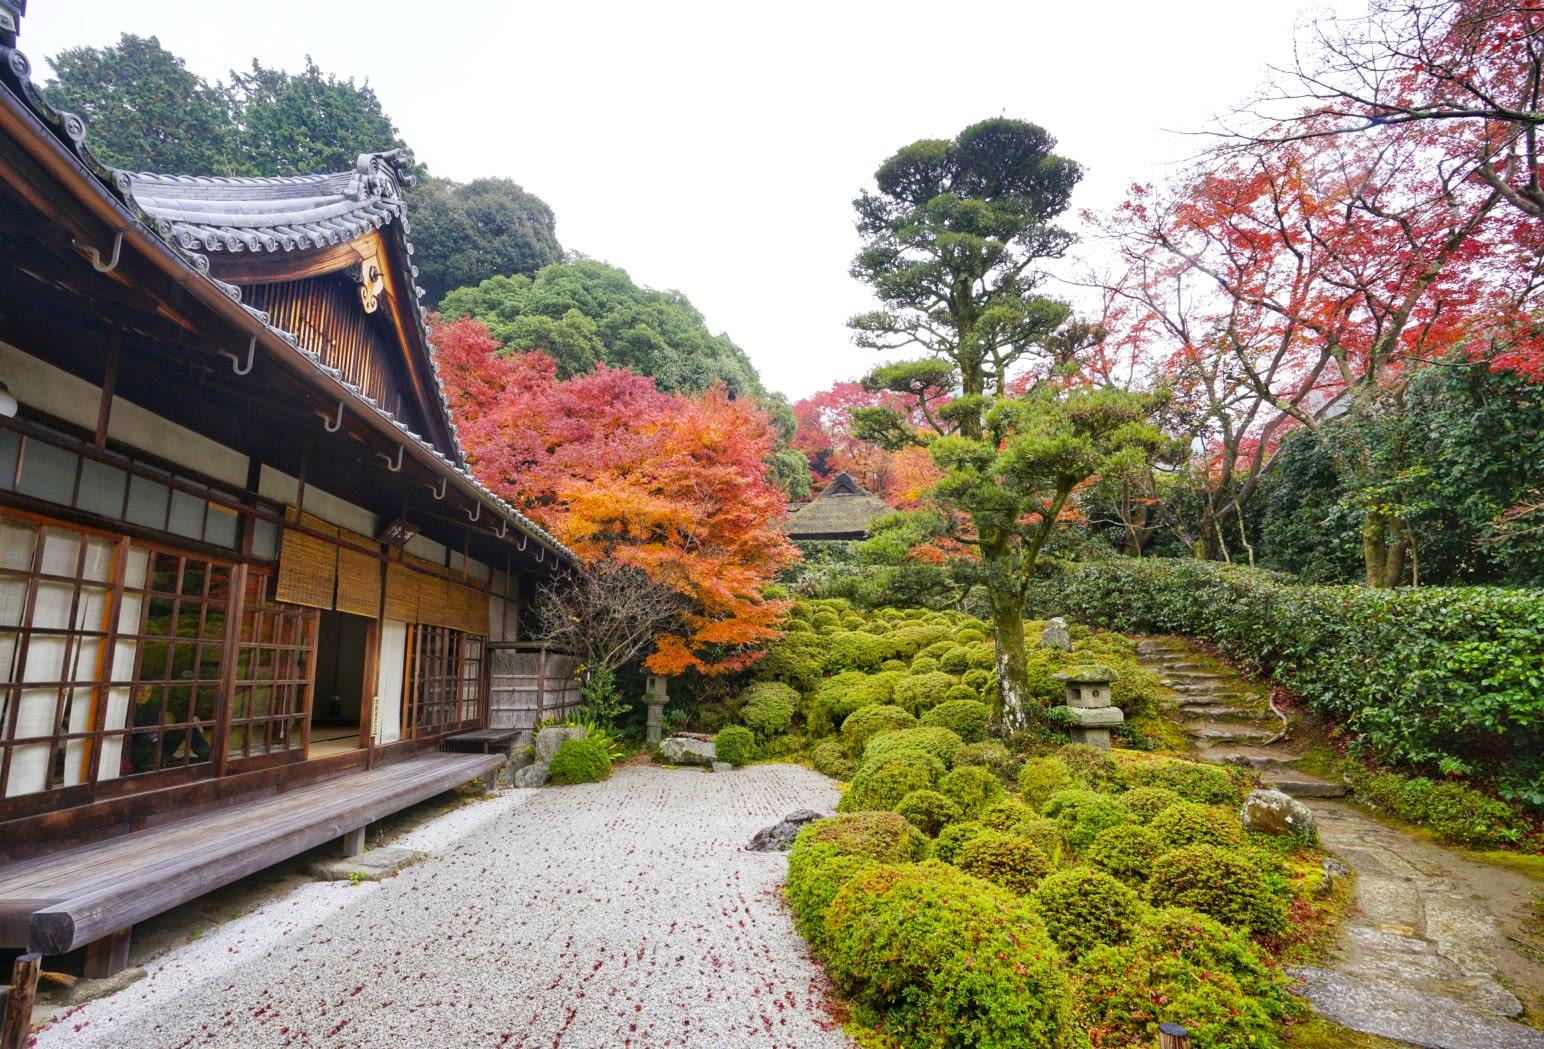 một ngôi chùa ở ngoại ô trong lịch trình ngắm mùa thu ở kyoto